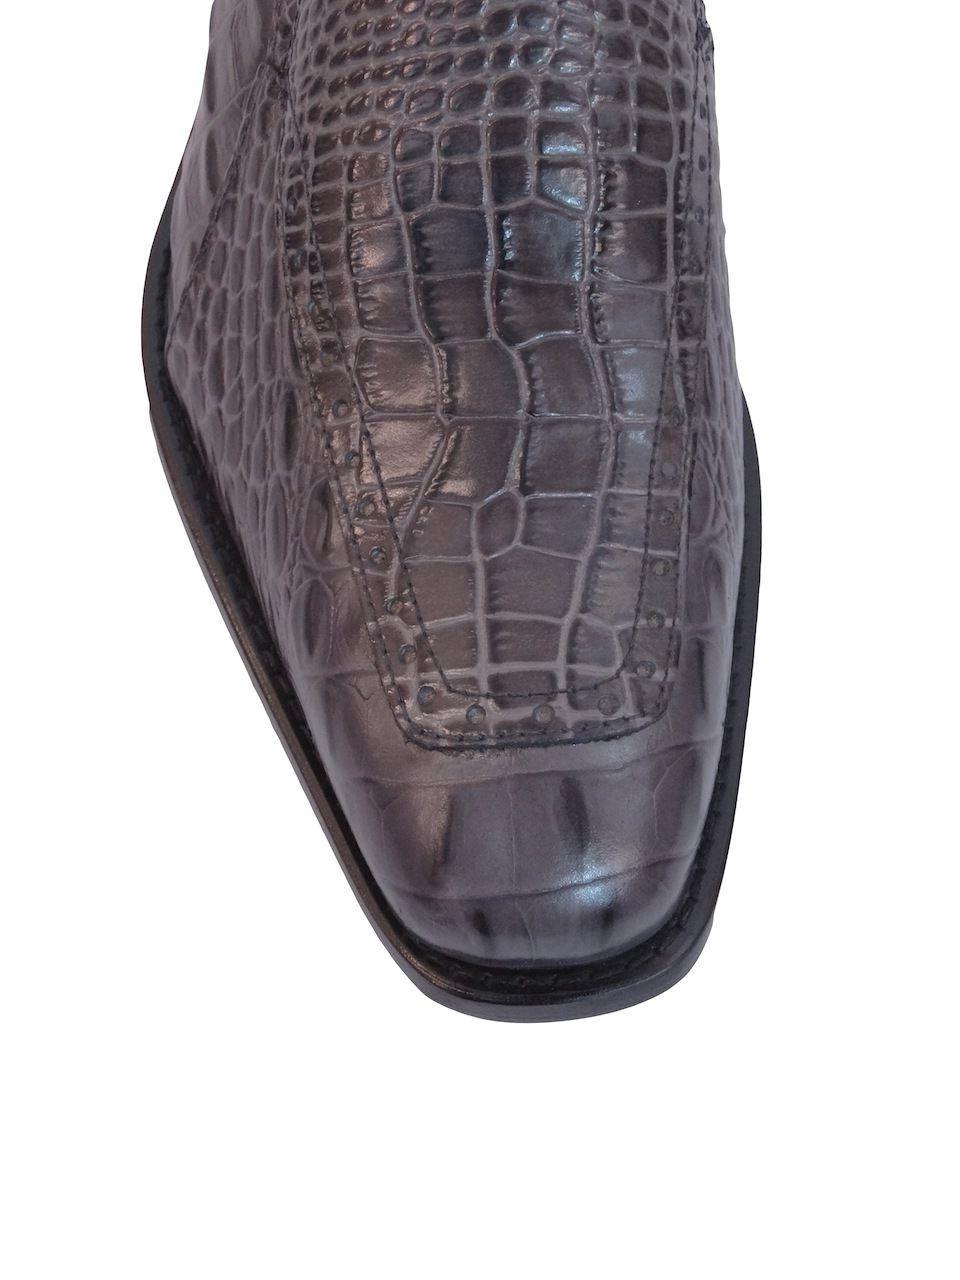 Mens Shoes 24903 Moc Toe